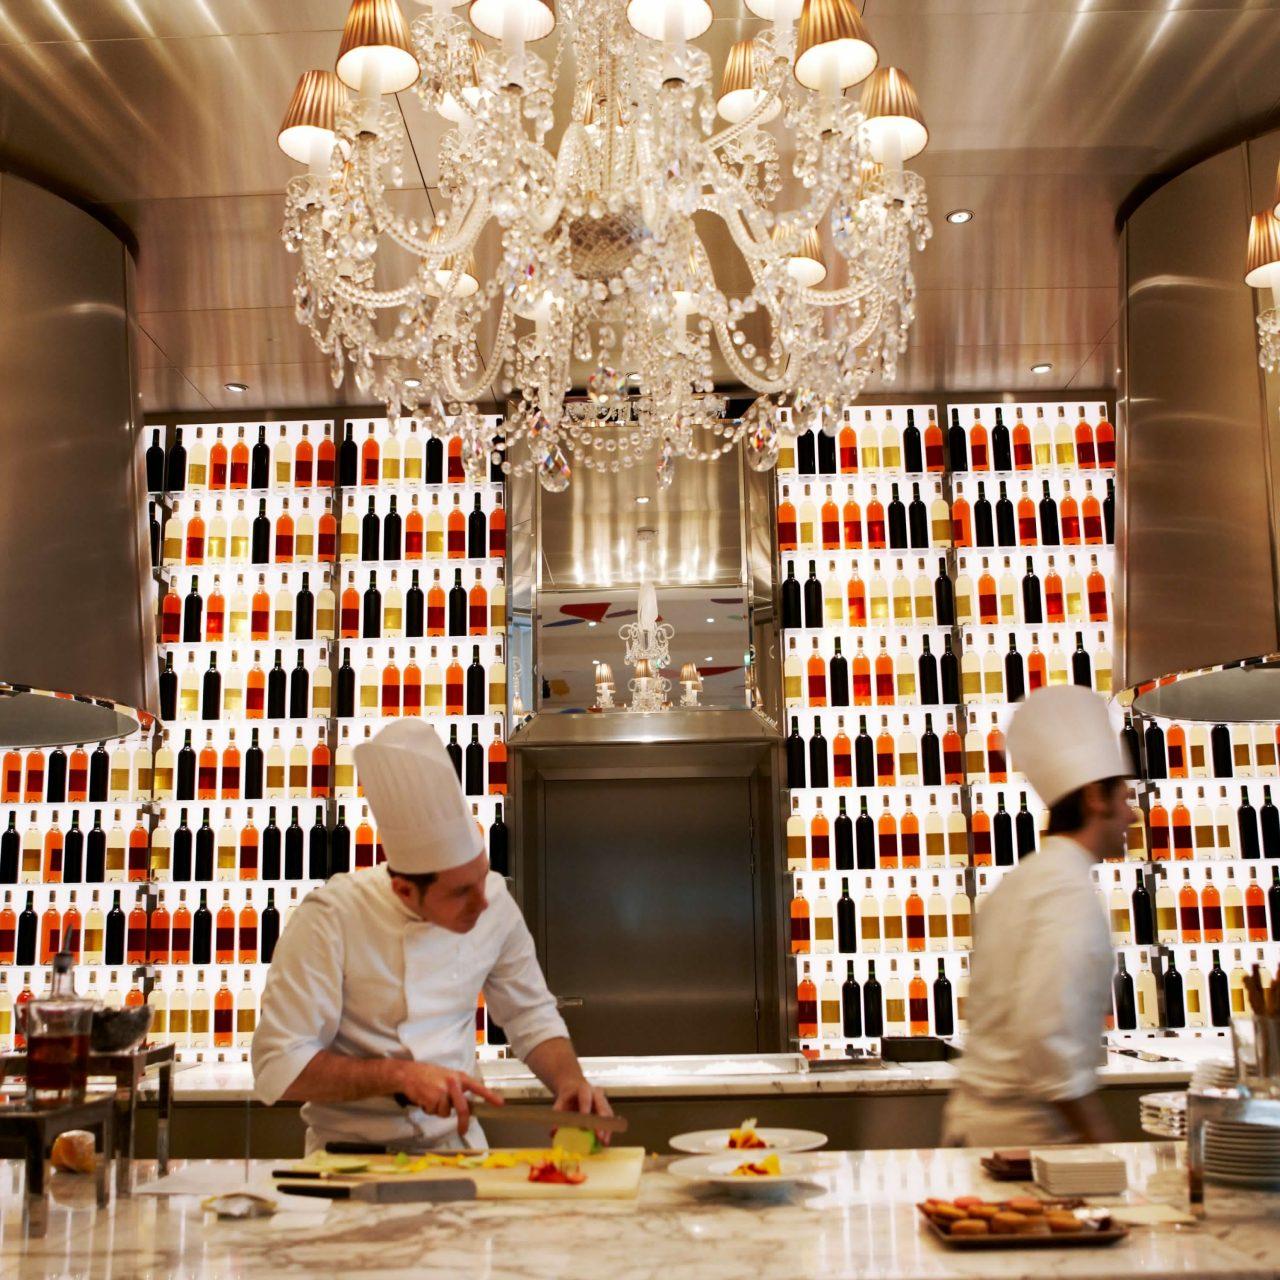 Restaurantes de hotel que más se destacan a nivel mundial